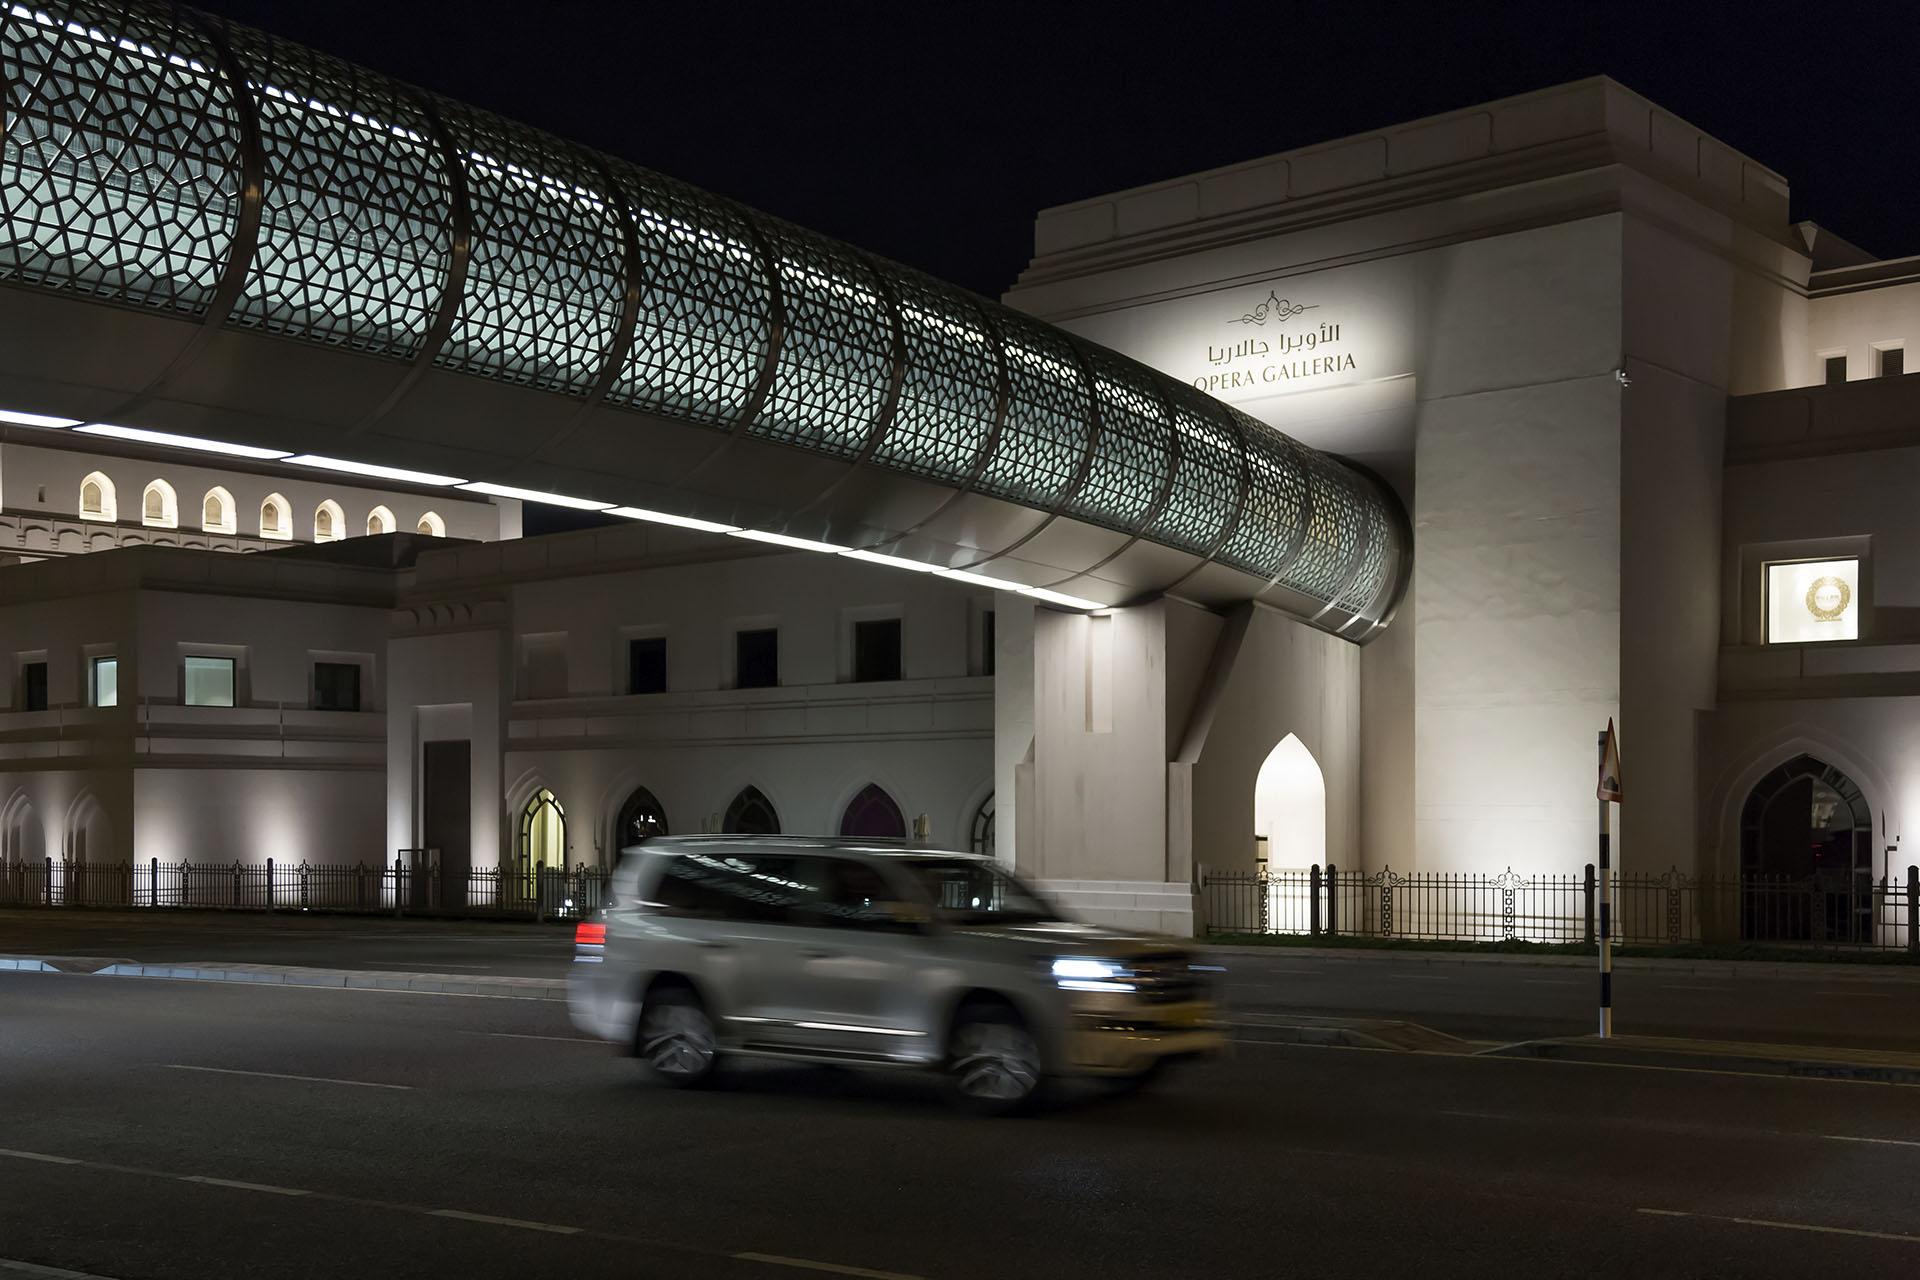 Opera Galleria